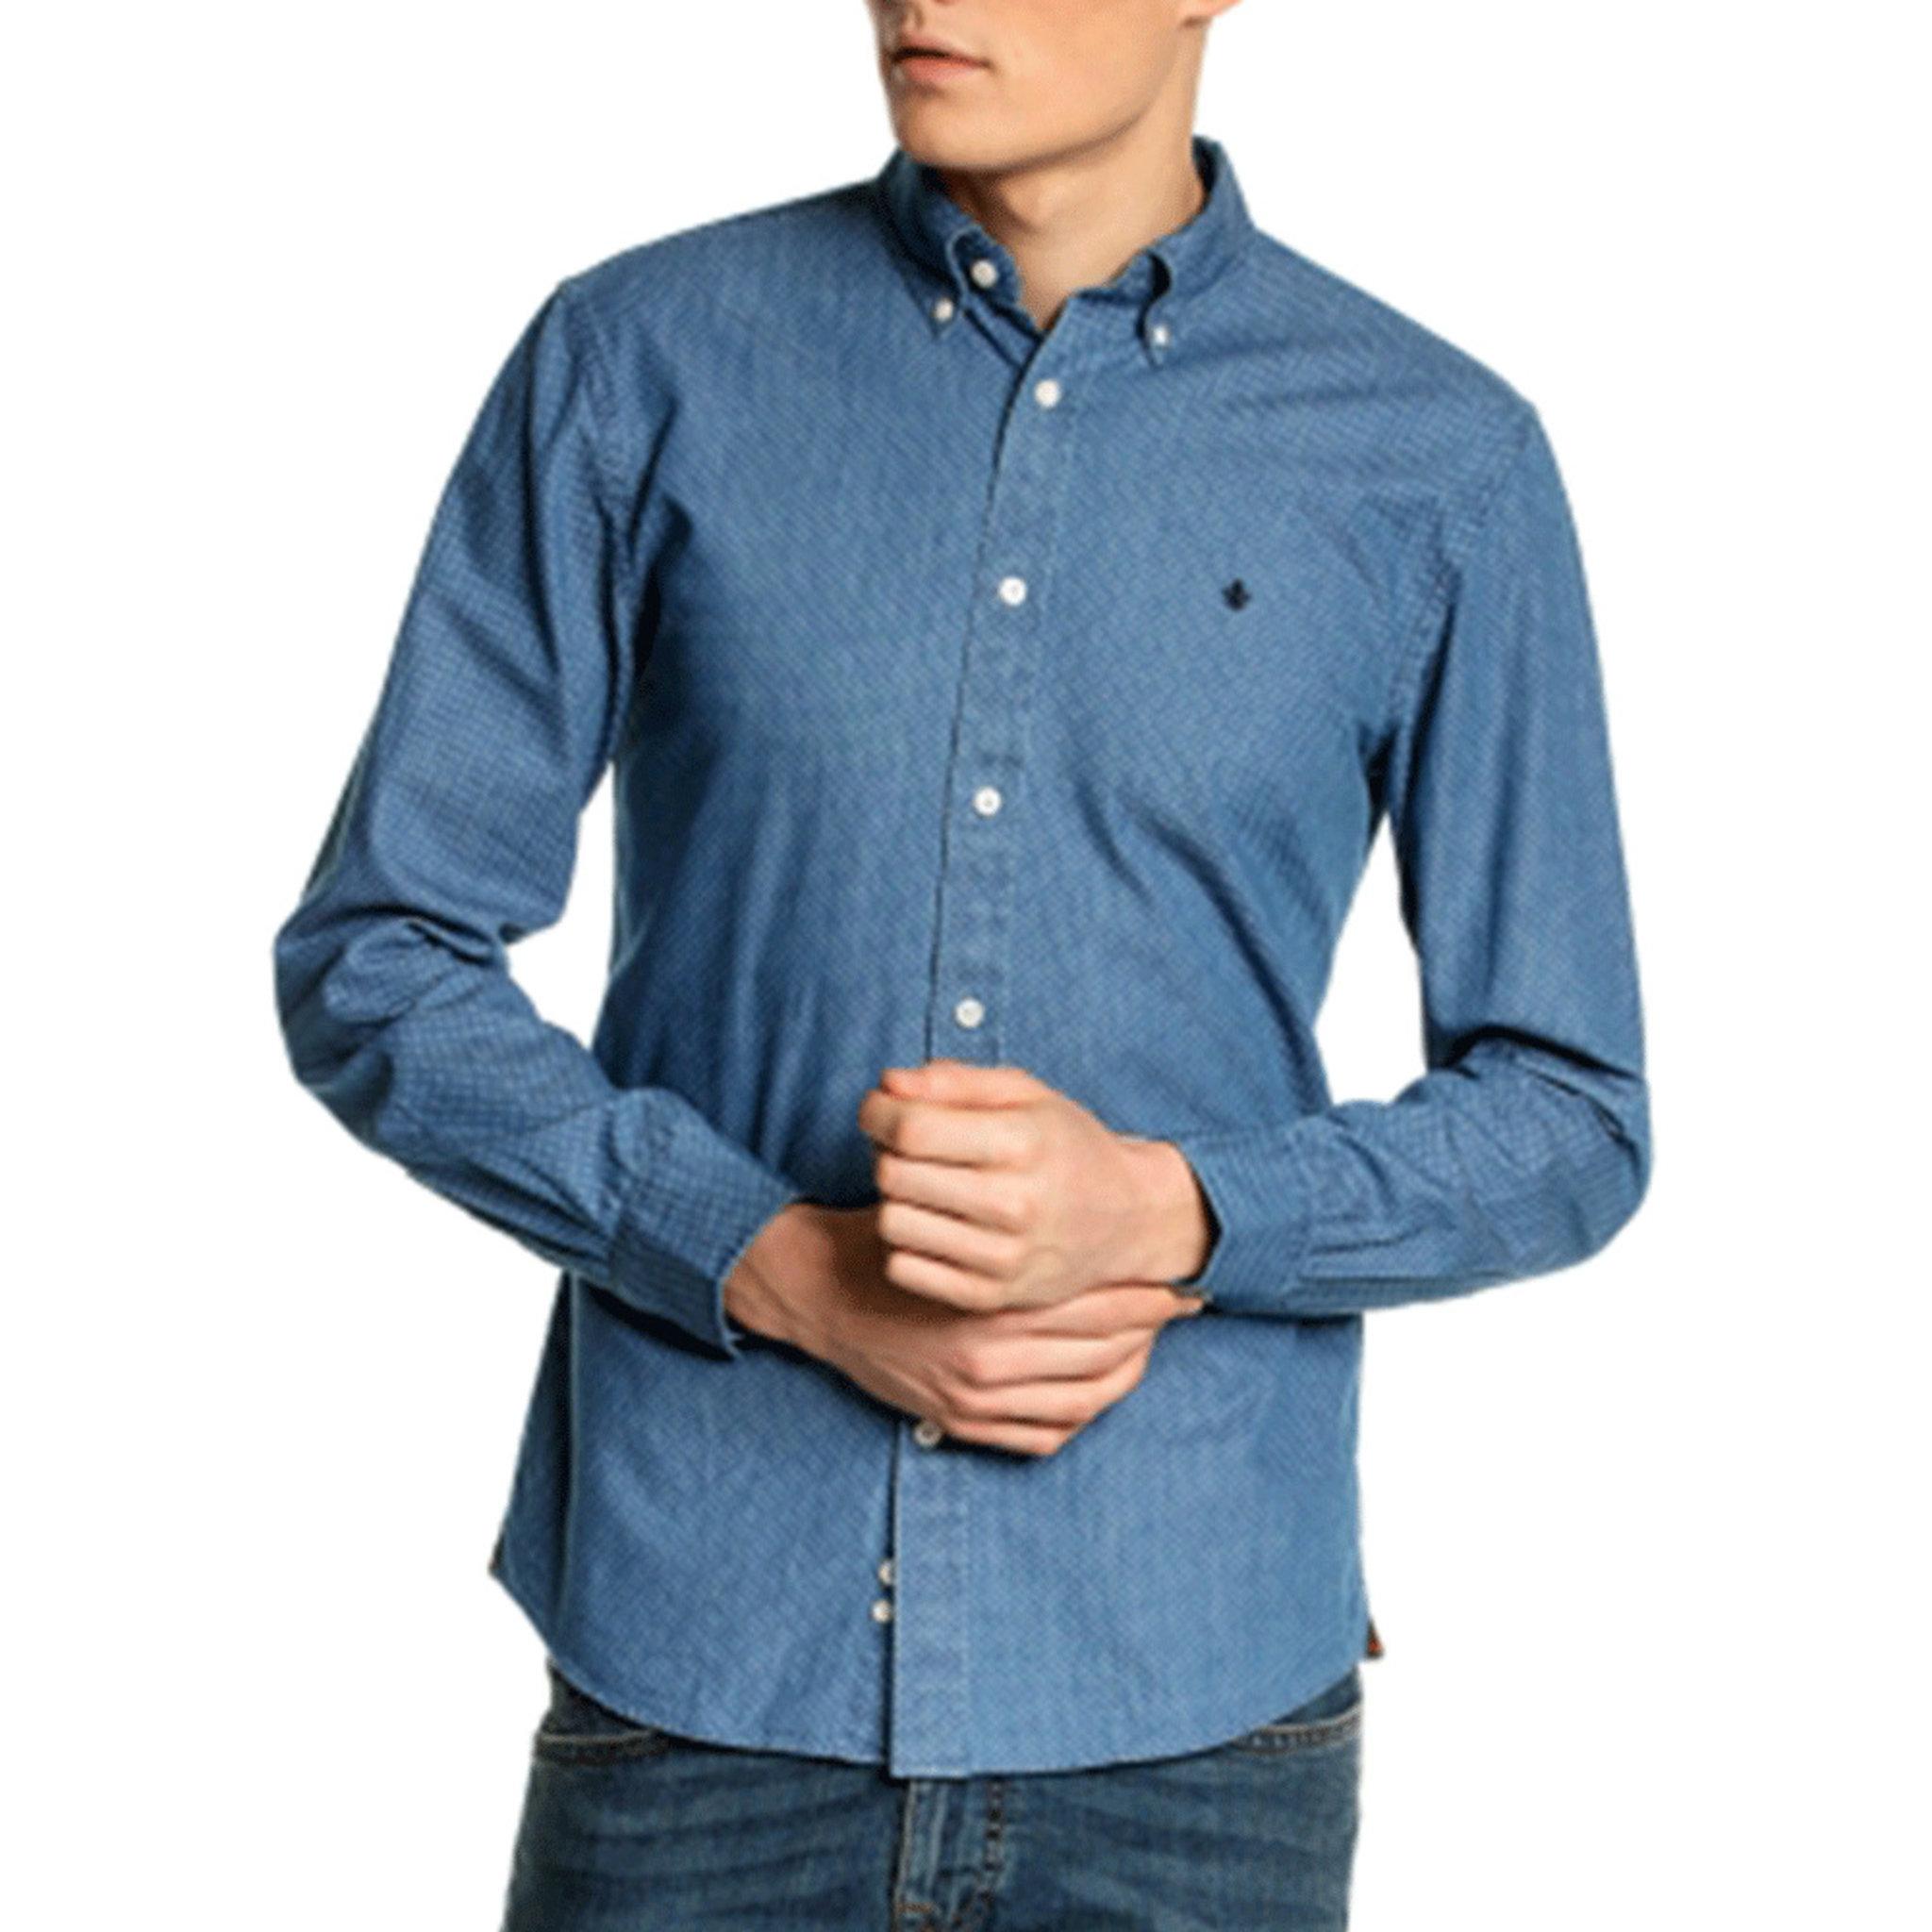 Douglas Indigo Shirt